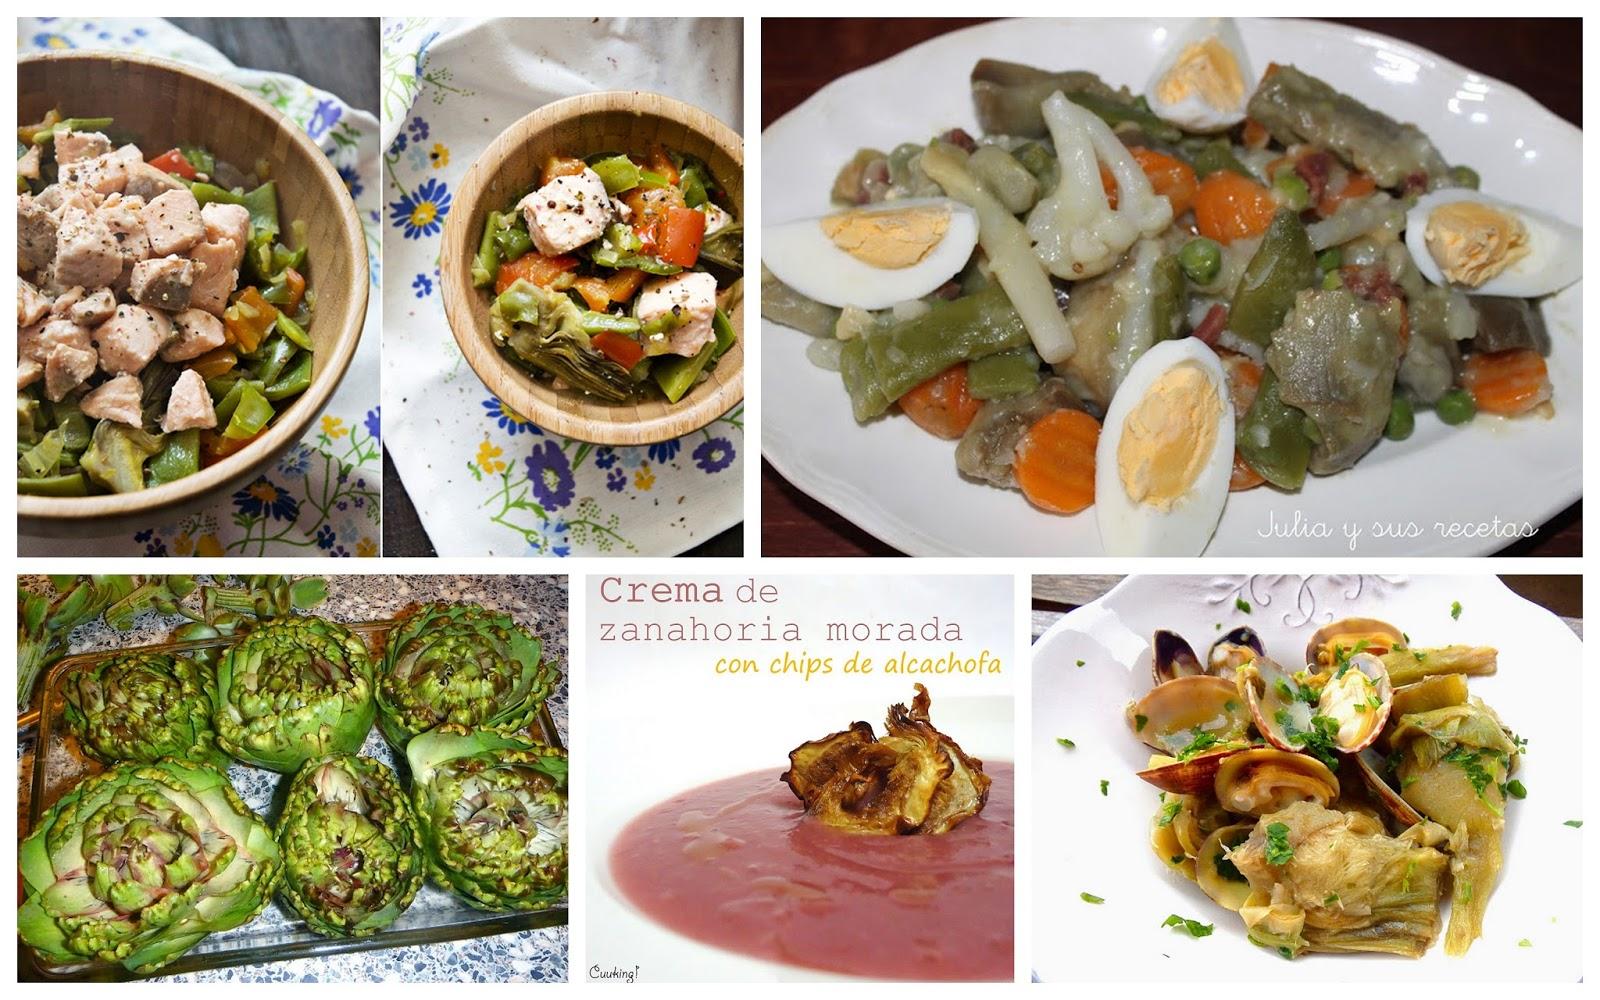 6 recetas ligeras y detox alcachofas y m s cocina - Peso de cocina ...